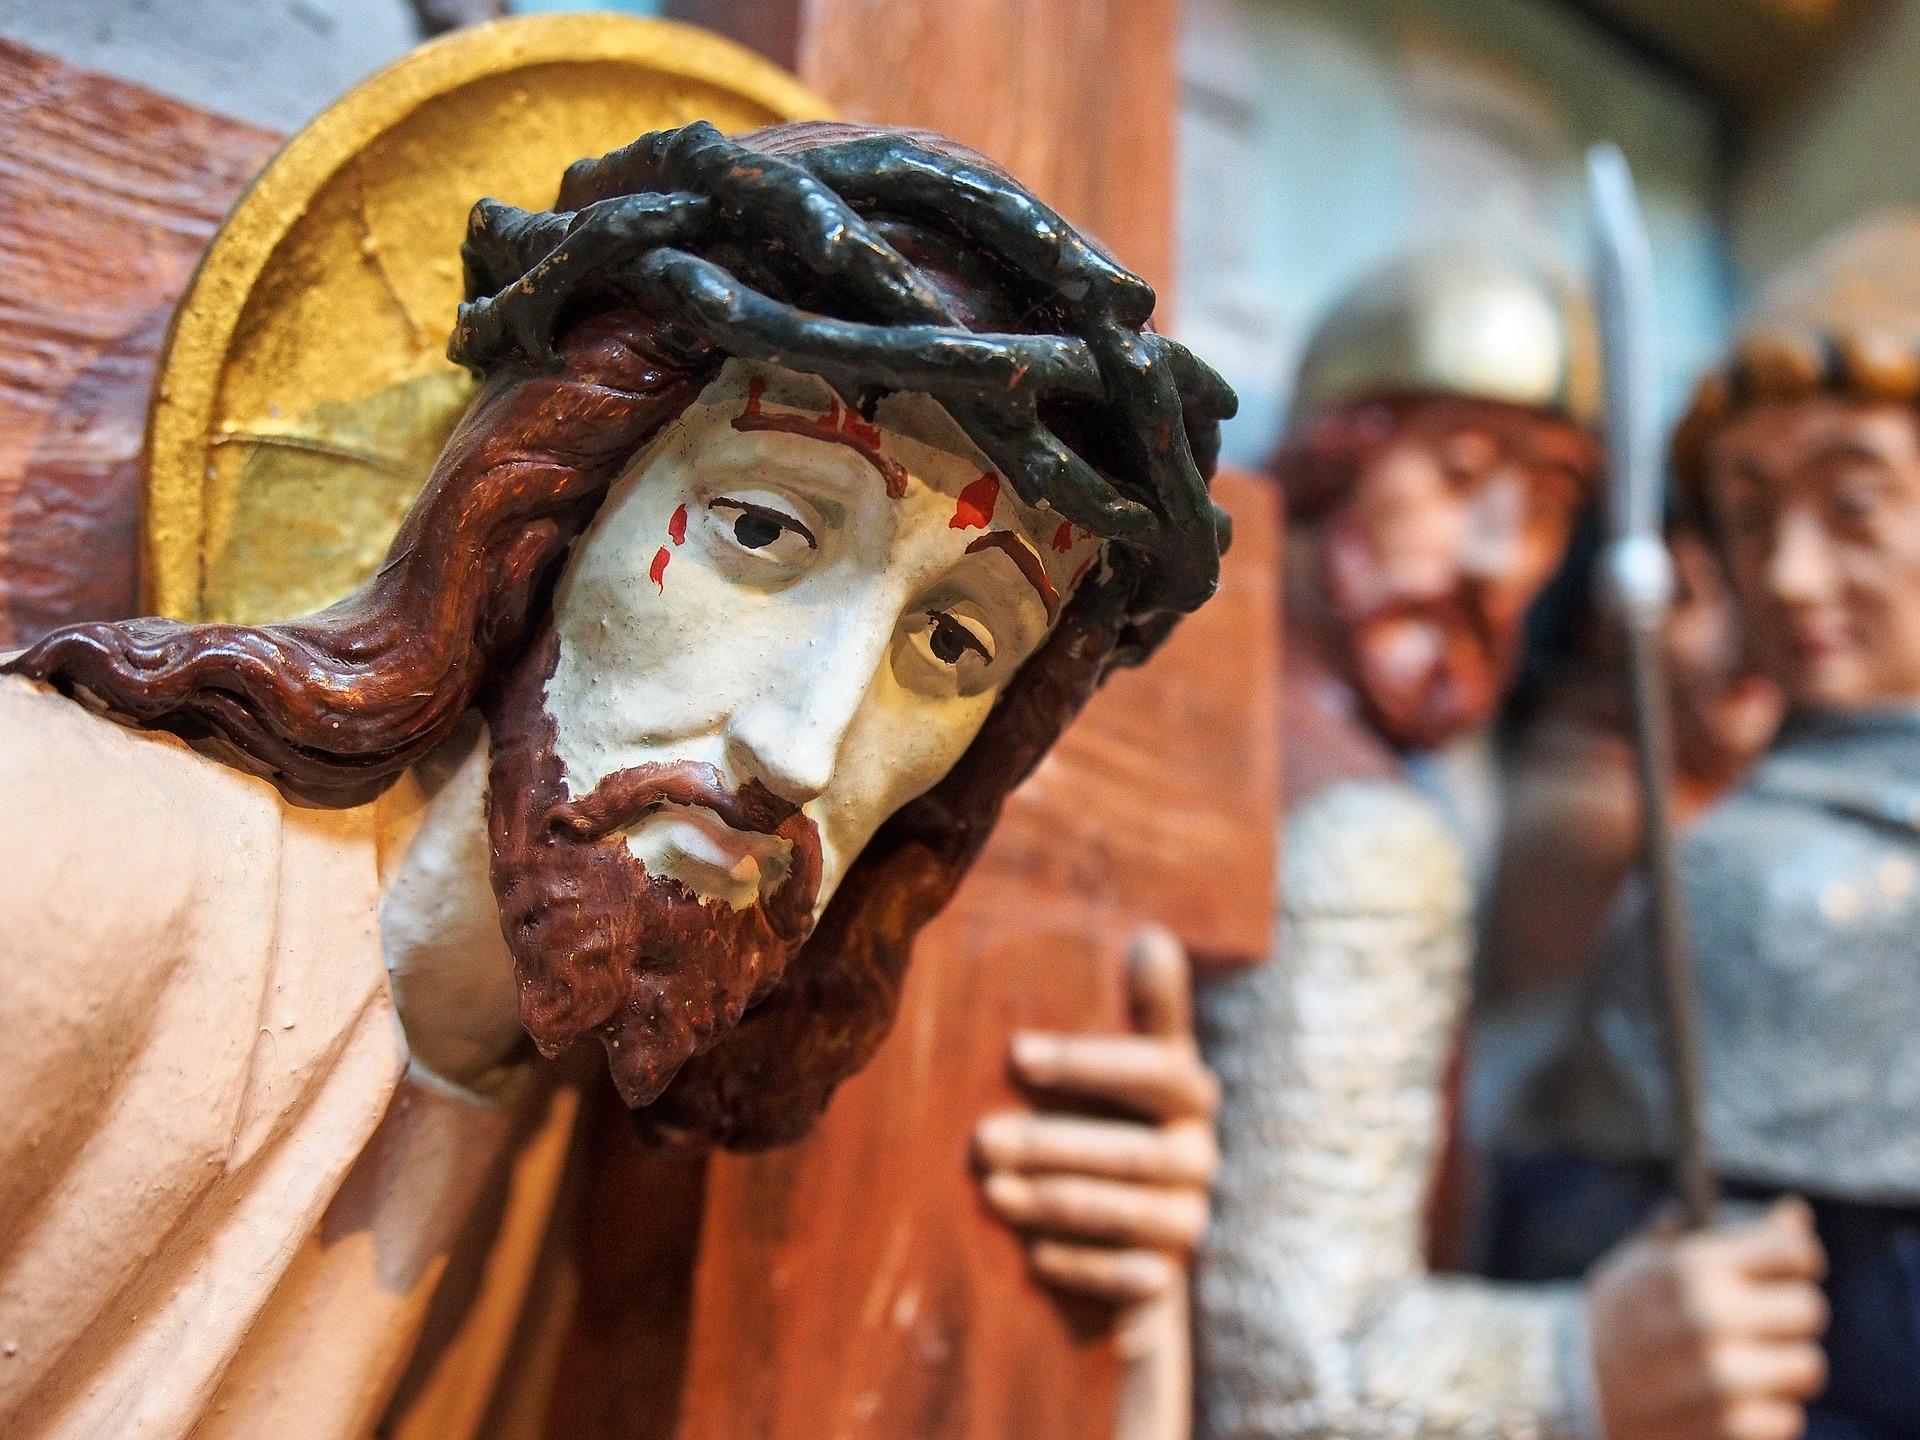 <p>Na temat Jezusa funkcjonuje wiele mitów. Niektóre mają swoje źródło jeszcze w starożytnych herezjach a inne we współczesnych fałszywych przekonaniach. Sprawdź, czy potrafisz je zdemaskować!</p>